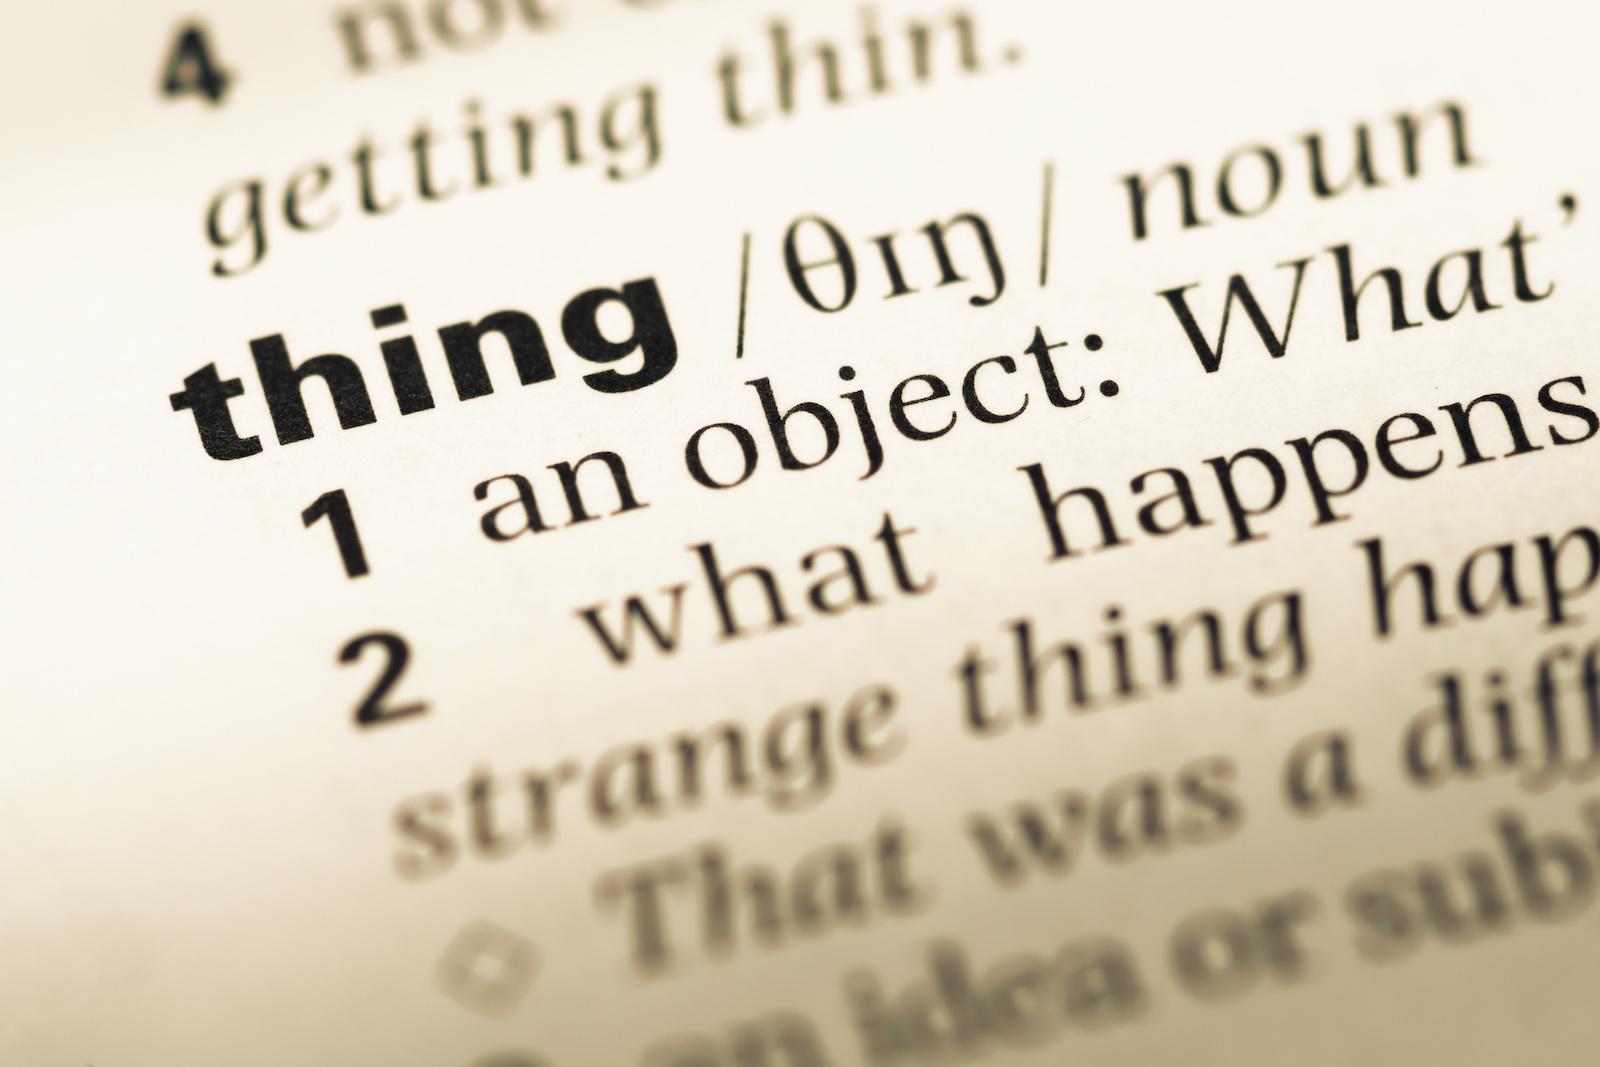 thing word - summalinguae.com